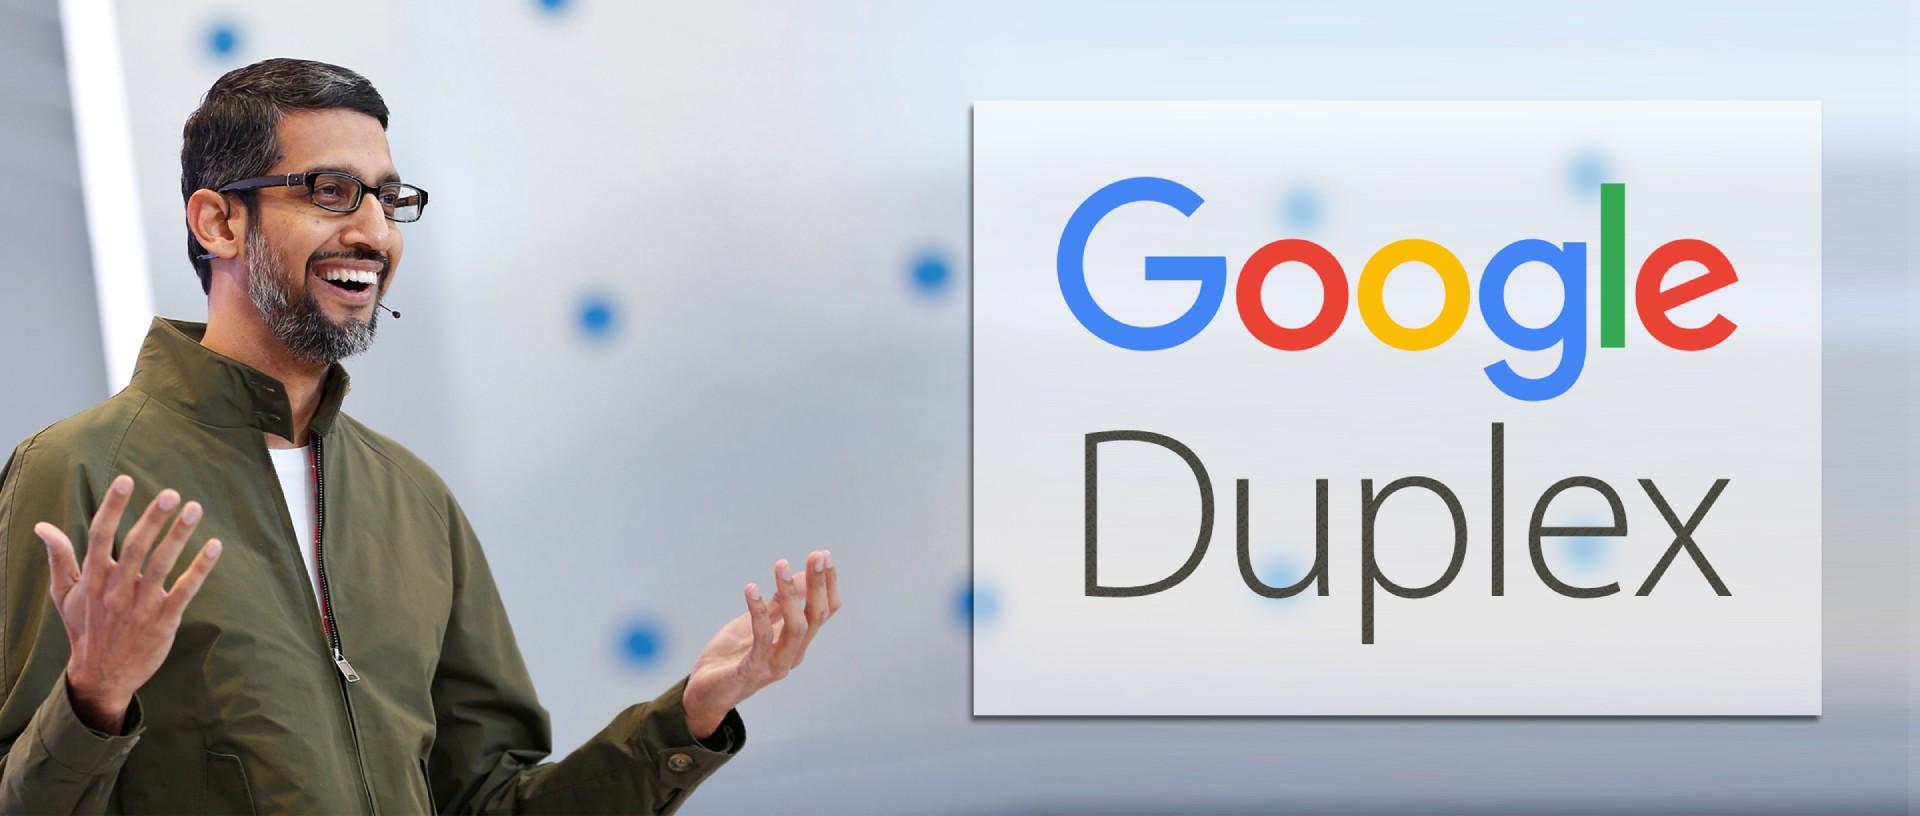 Potete usare Google Duplex se vivete in questi tre Paesi